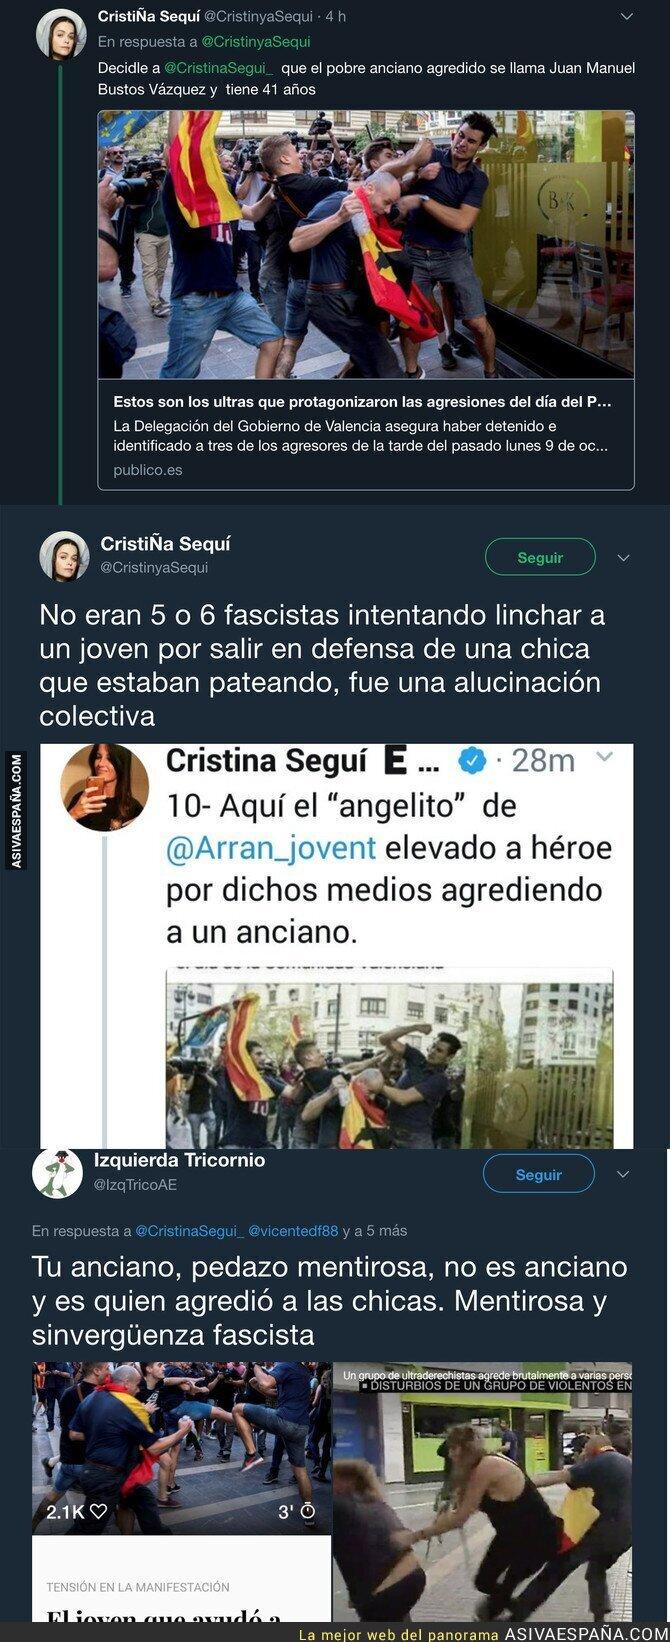 77634 - Cristina Seguí manipulando descaradamente con los nazis de Valencia